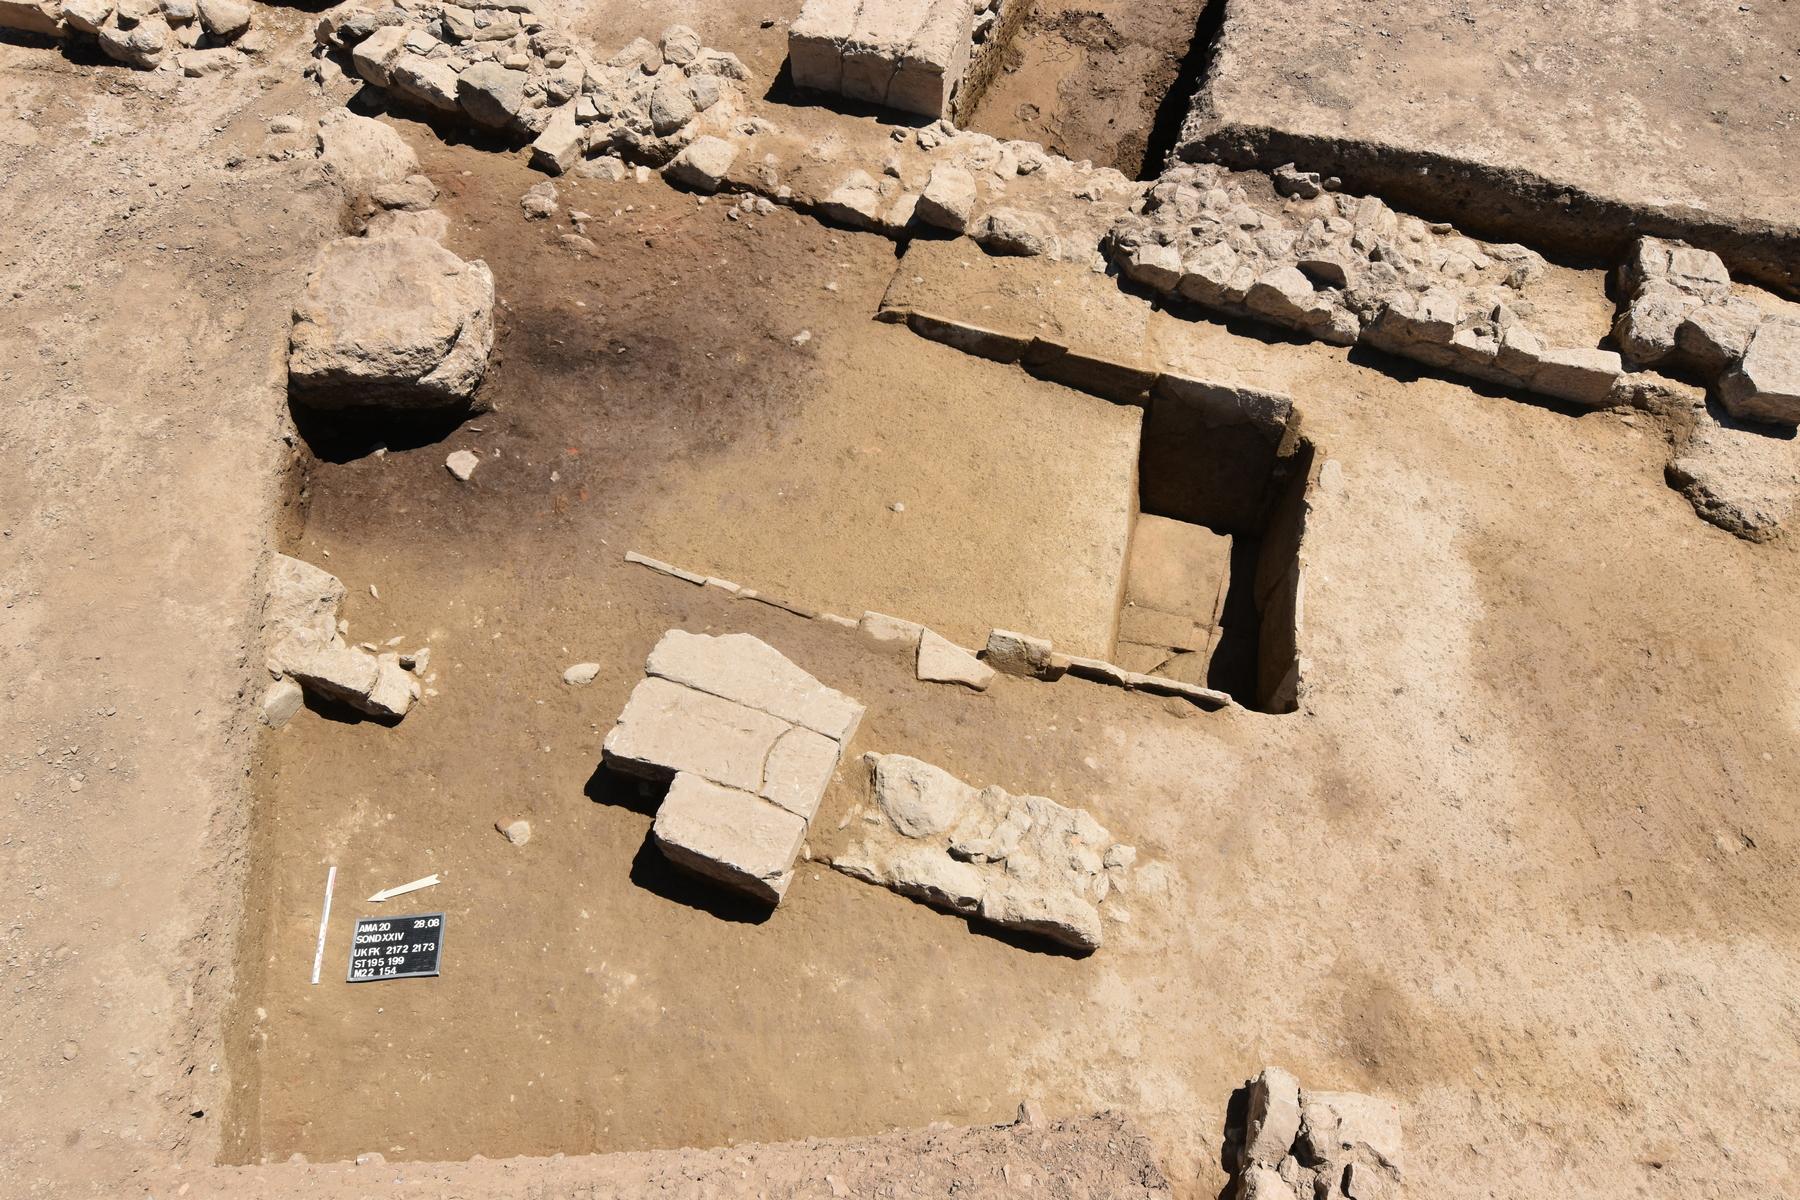 Λεκάνη κτιστή από κεραμίδες έξω από το κτίριο του 7ου αι. π.Χ.